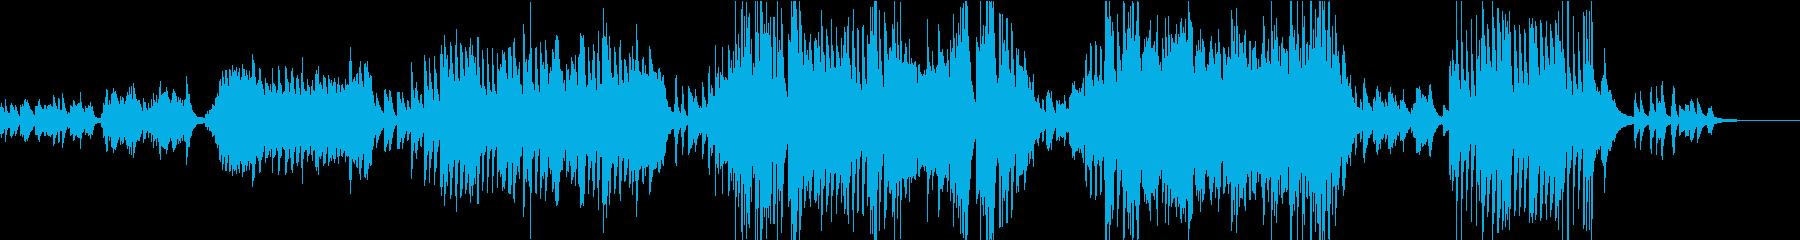 熱く激しくどこか切ないピアノ即興曲の再生済みの波形